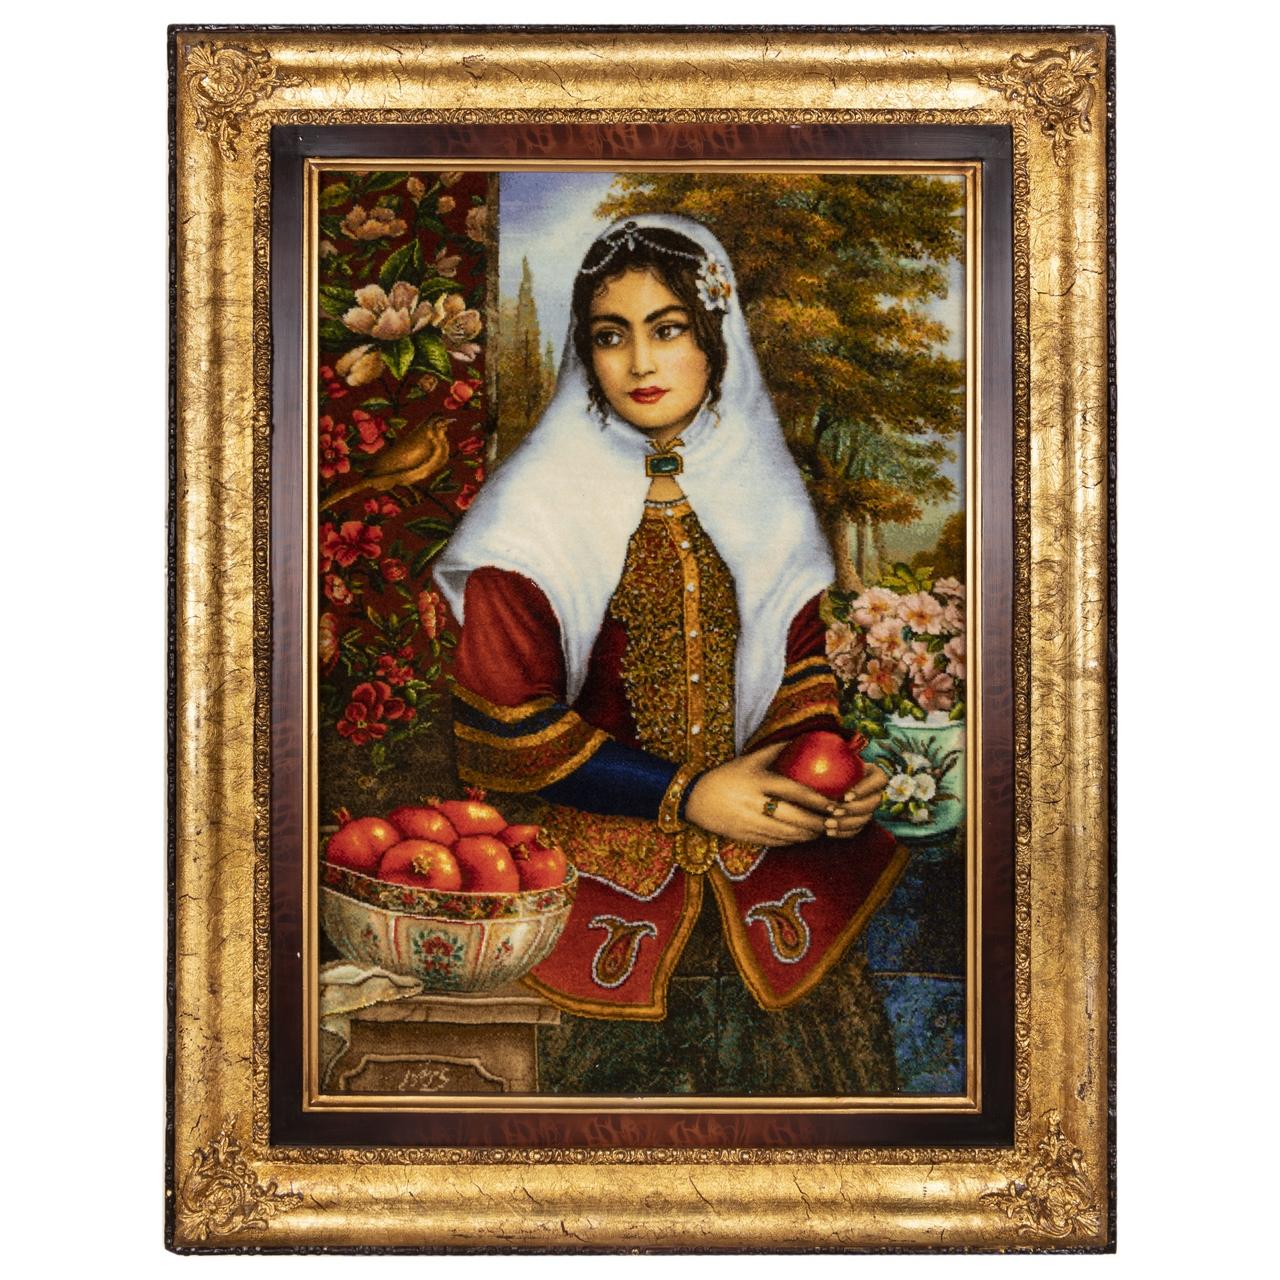 تابلو فرش دستباف سی پرشیا طرح دختر قاجار کد 901758